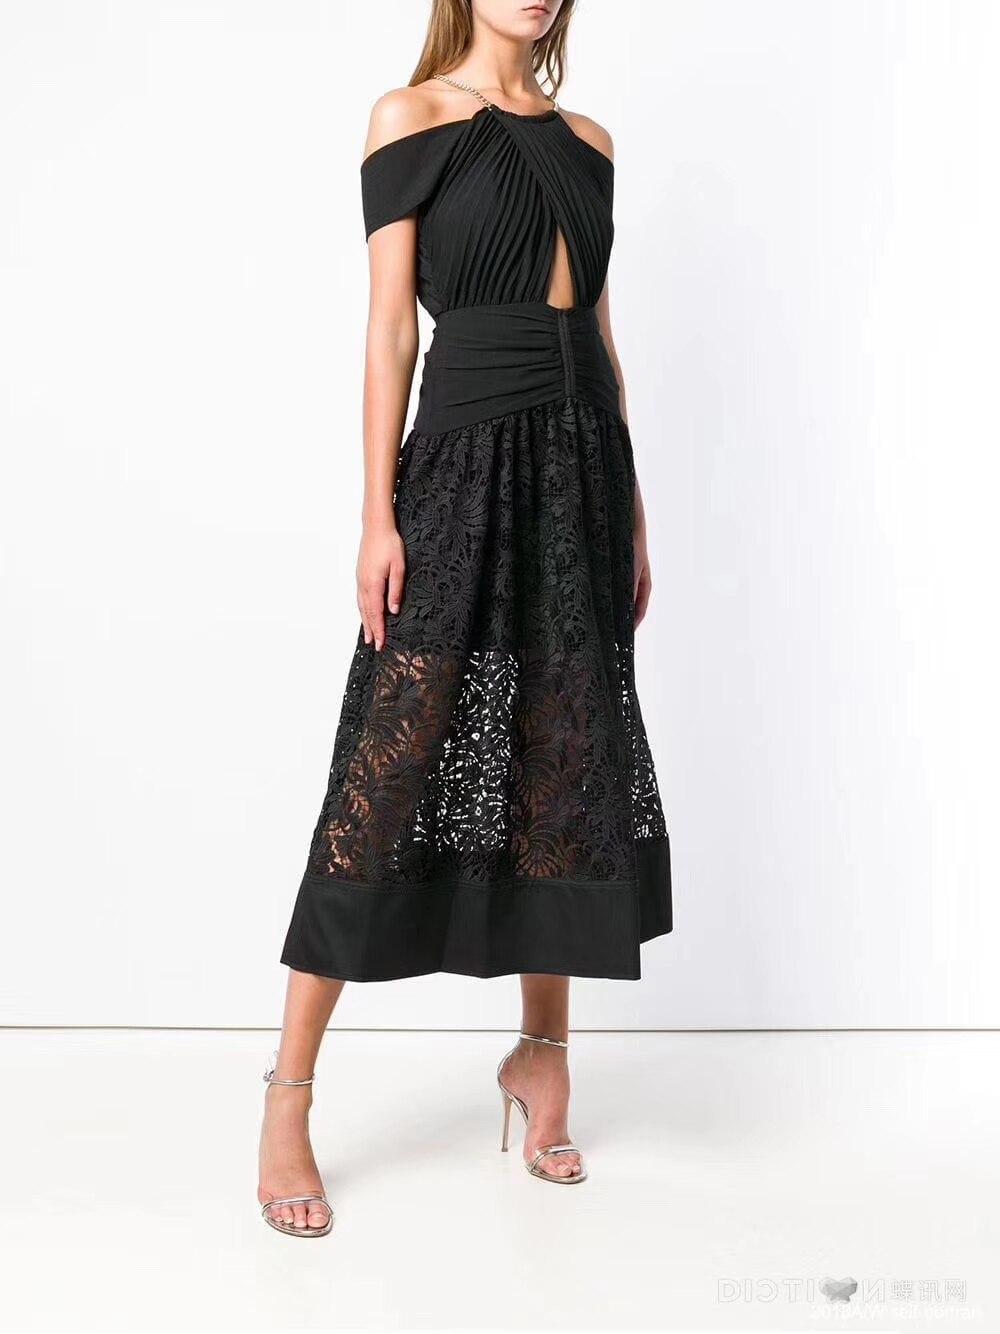 2019 nouveau noir Long Maxi Sexy épaule dénudée femmes d'été robe élégante pour Club de fête livraison gratuite